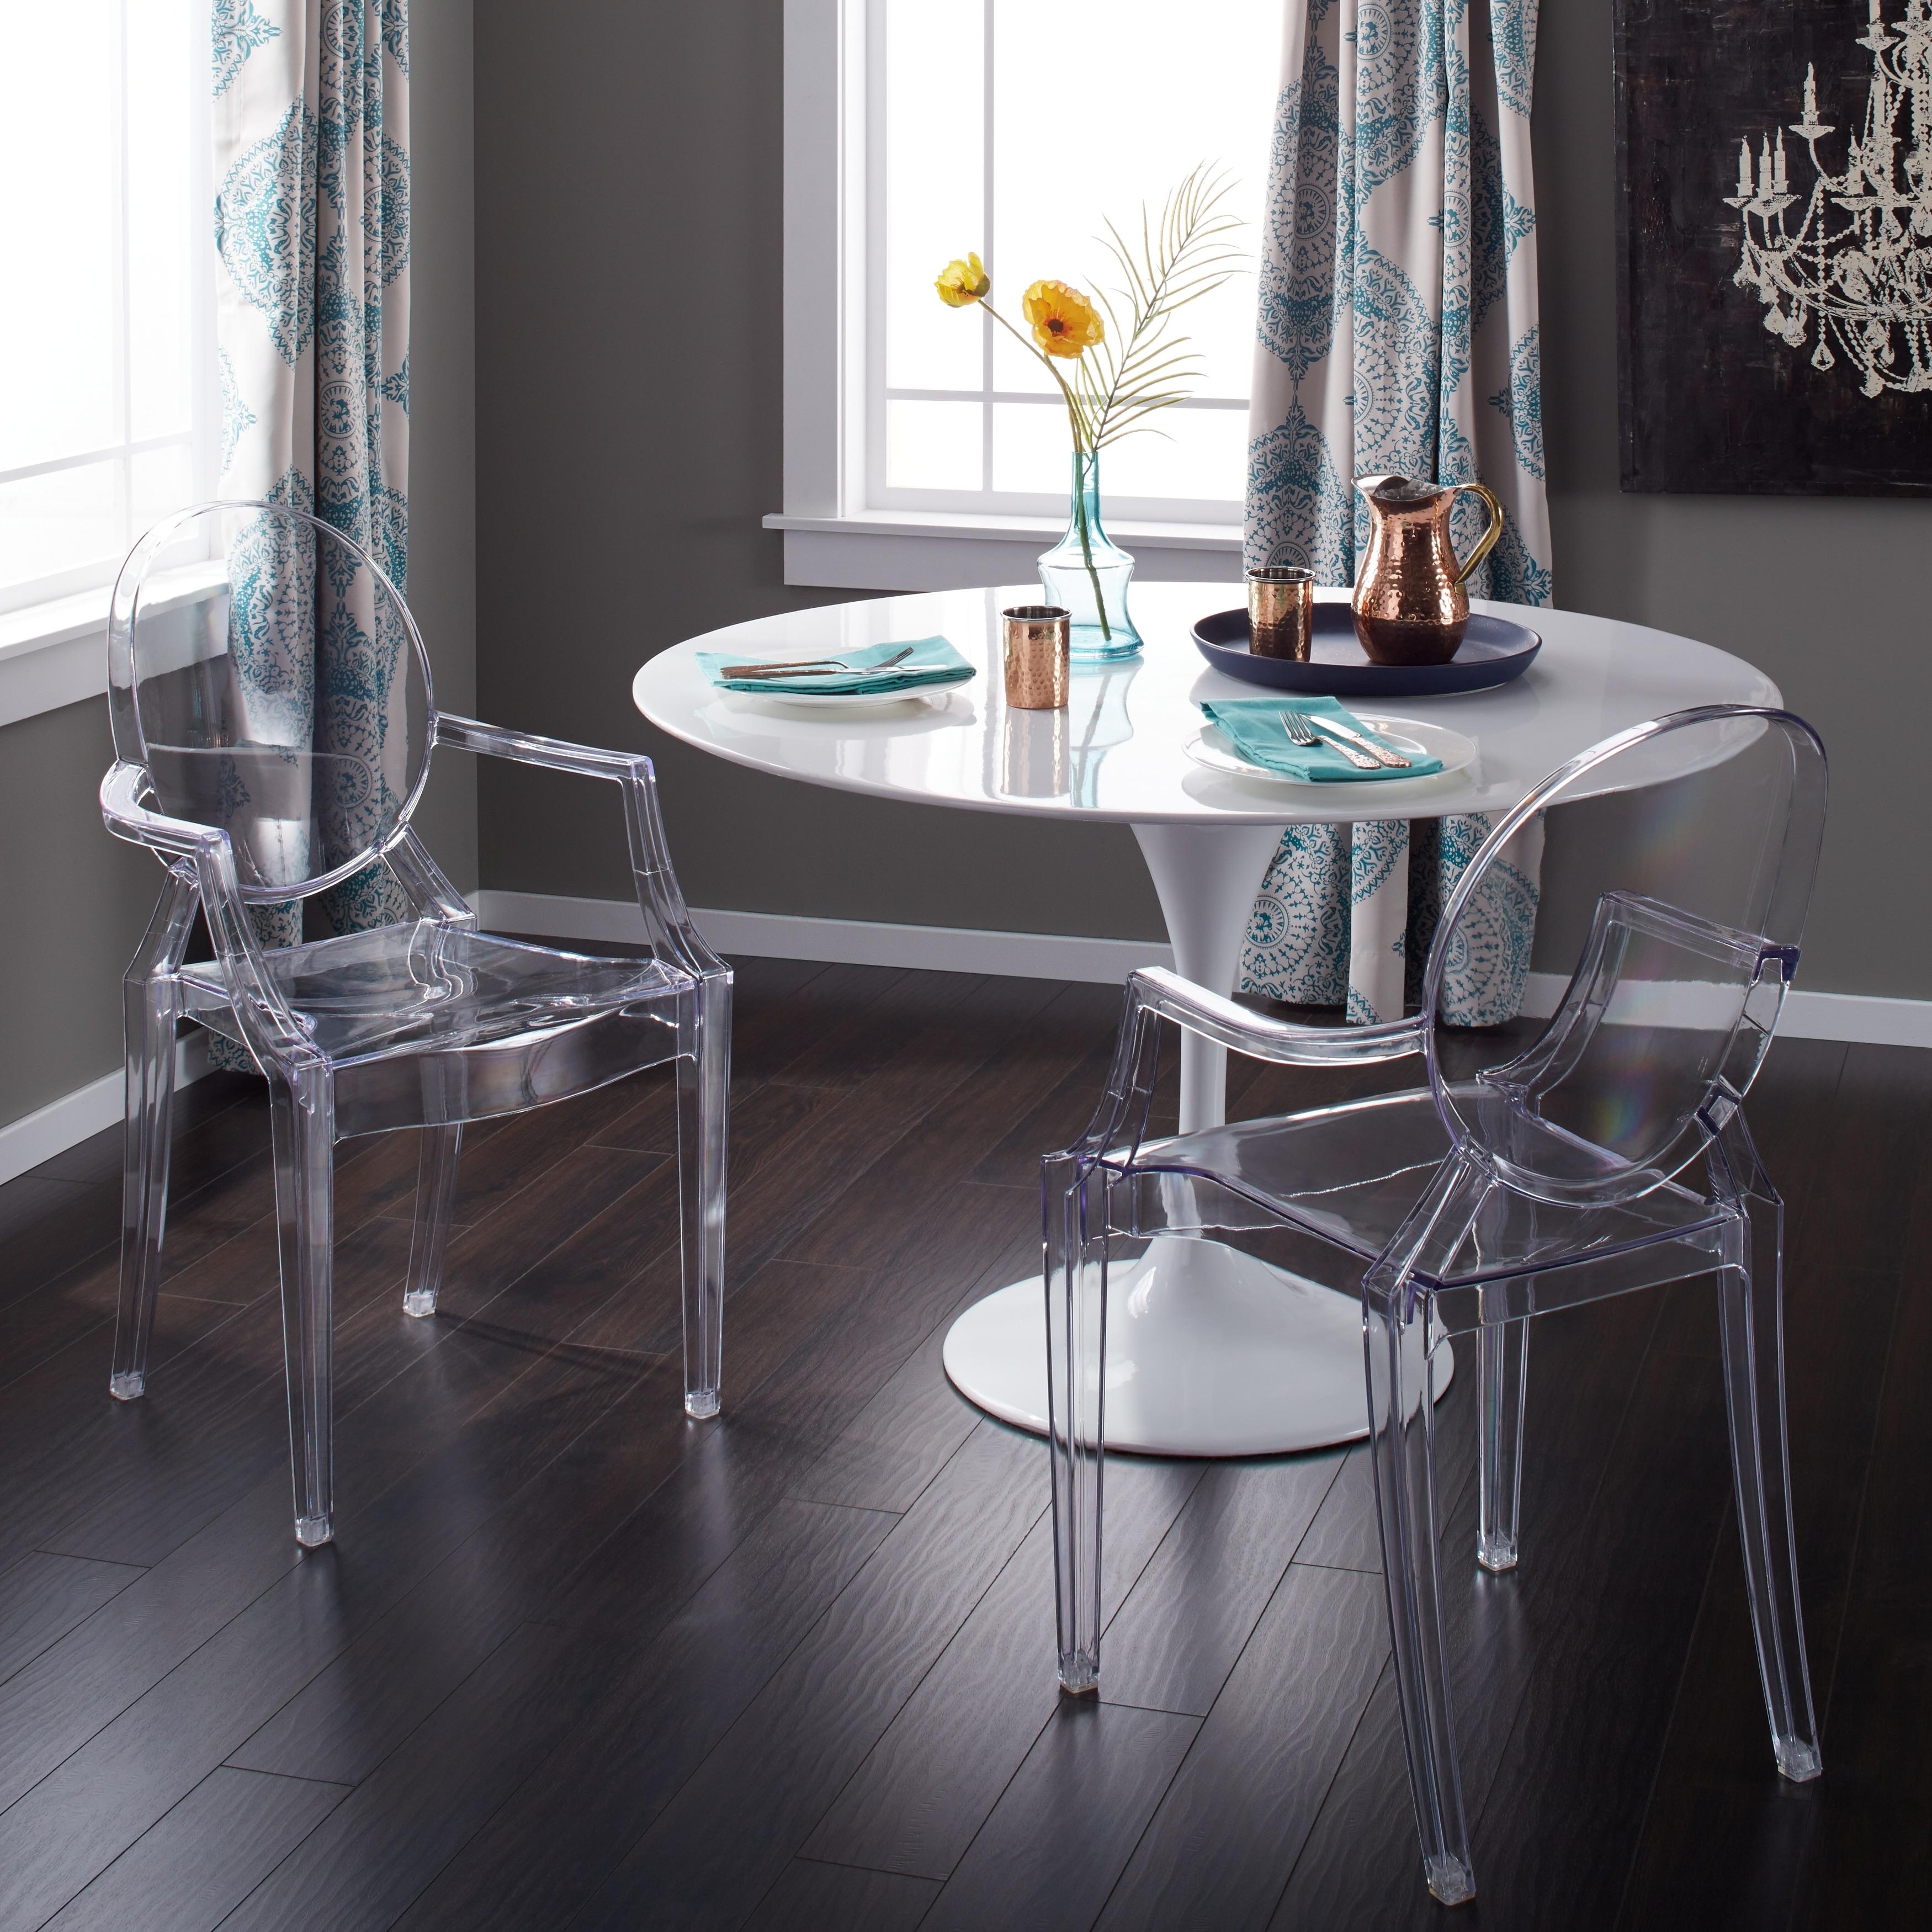 Corvus Irene Modern Clear Acrylic Dining Chair with Armre...